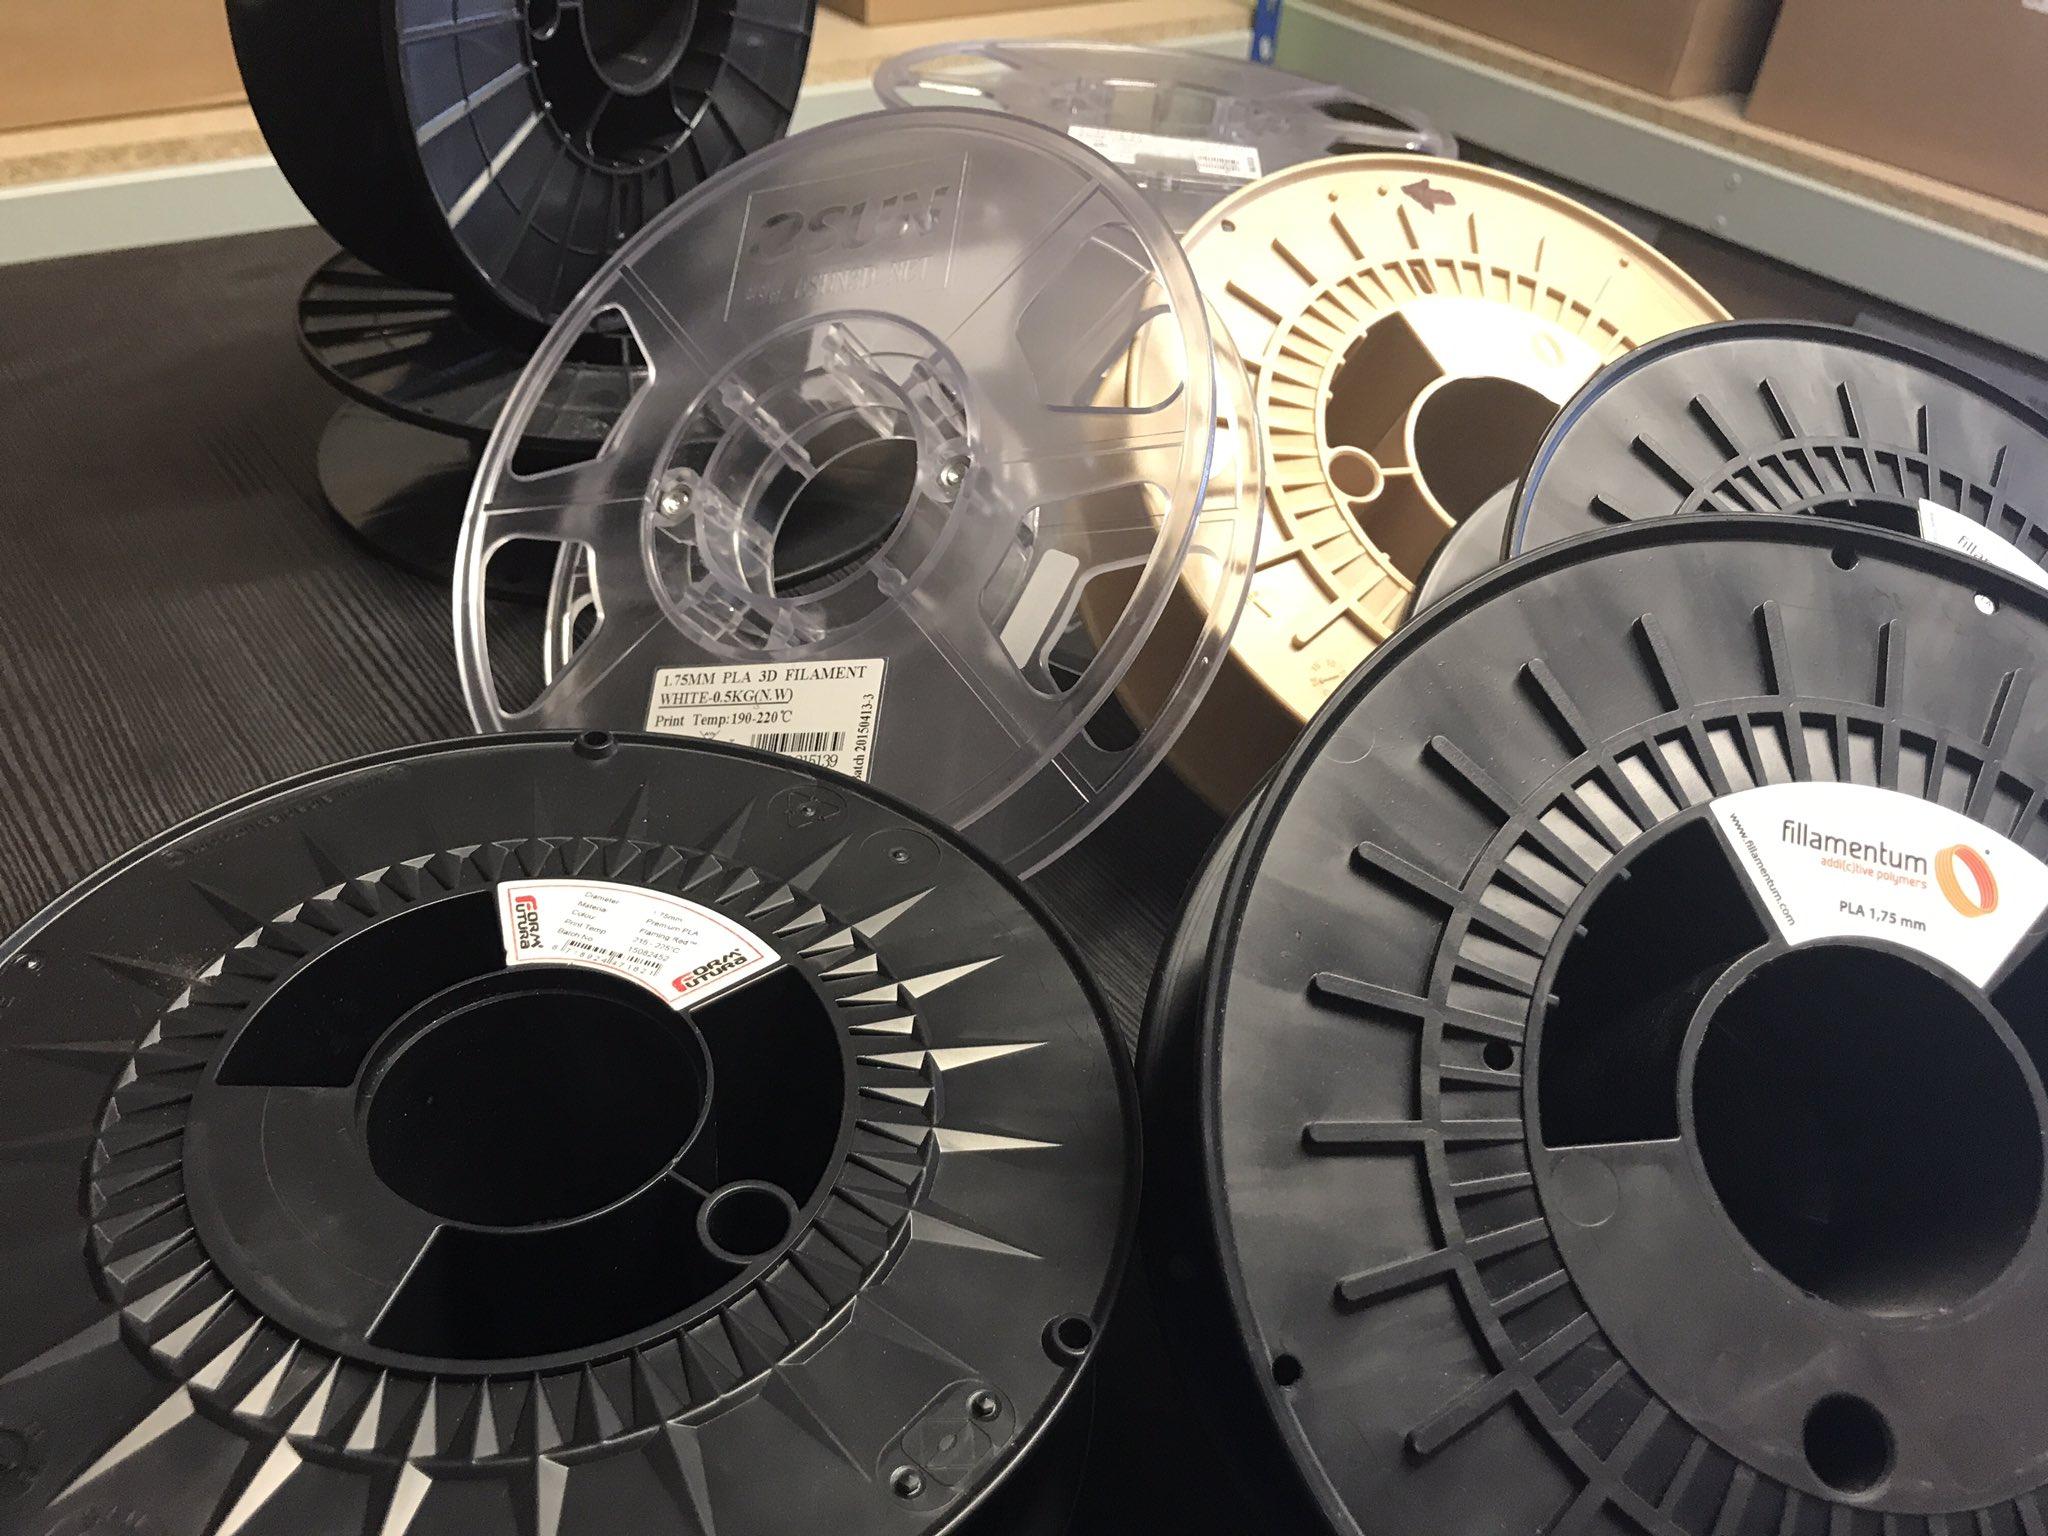 return your empty spools filamentive recycled 3d printer filament